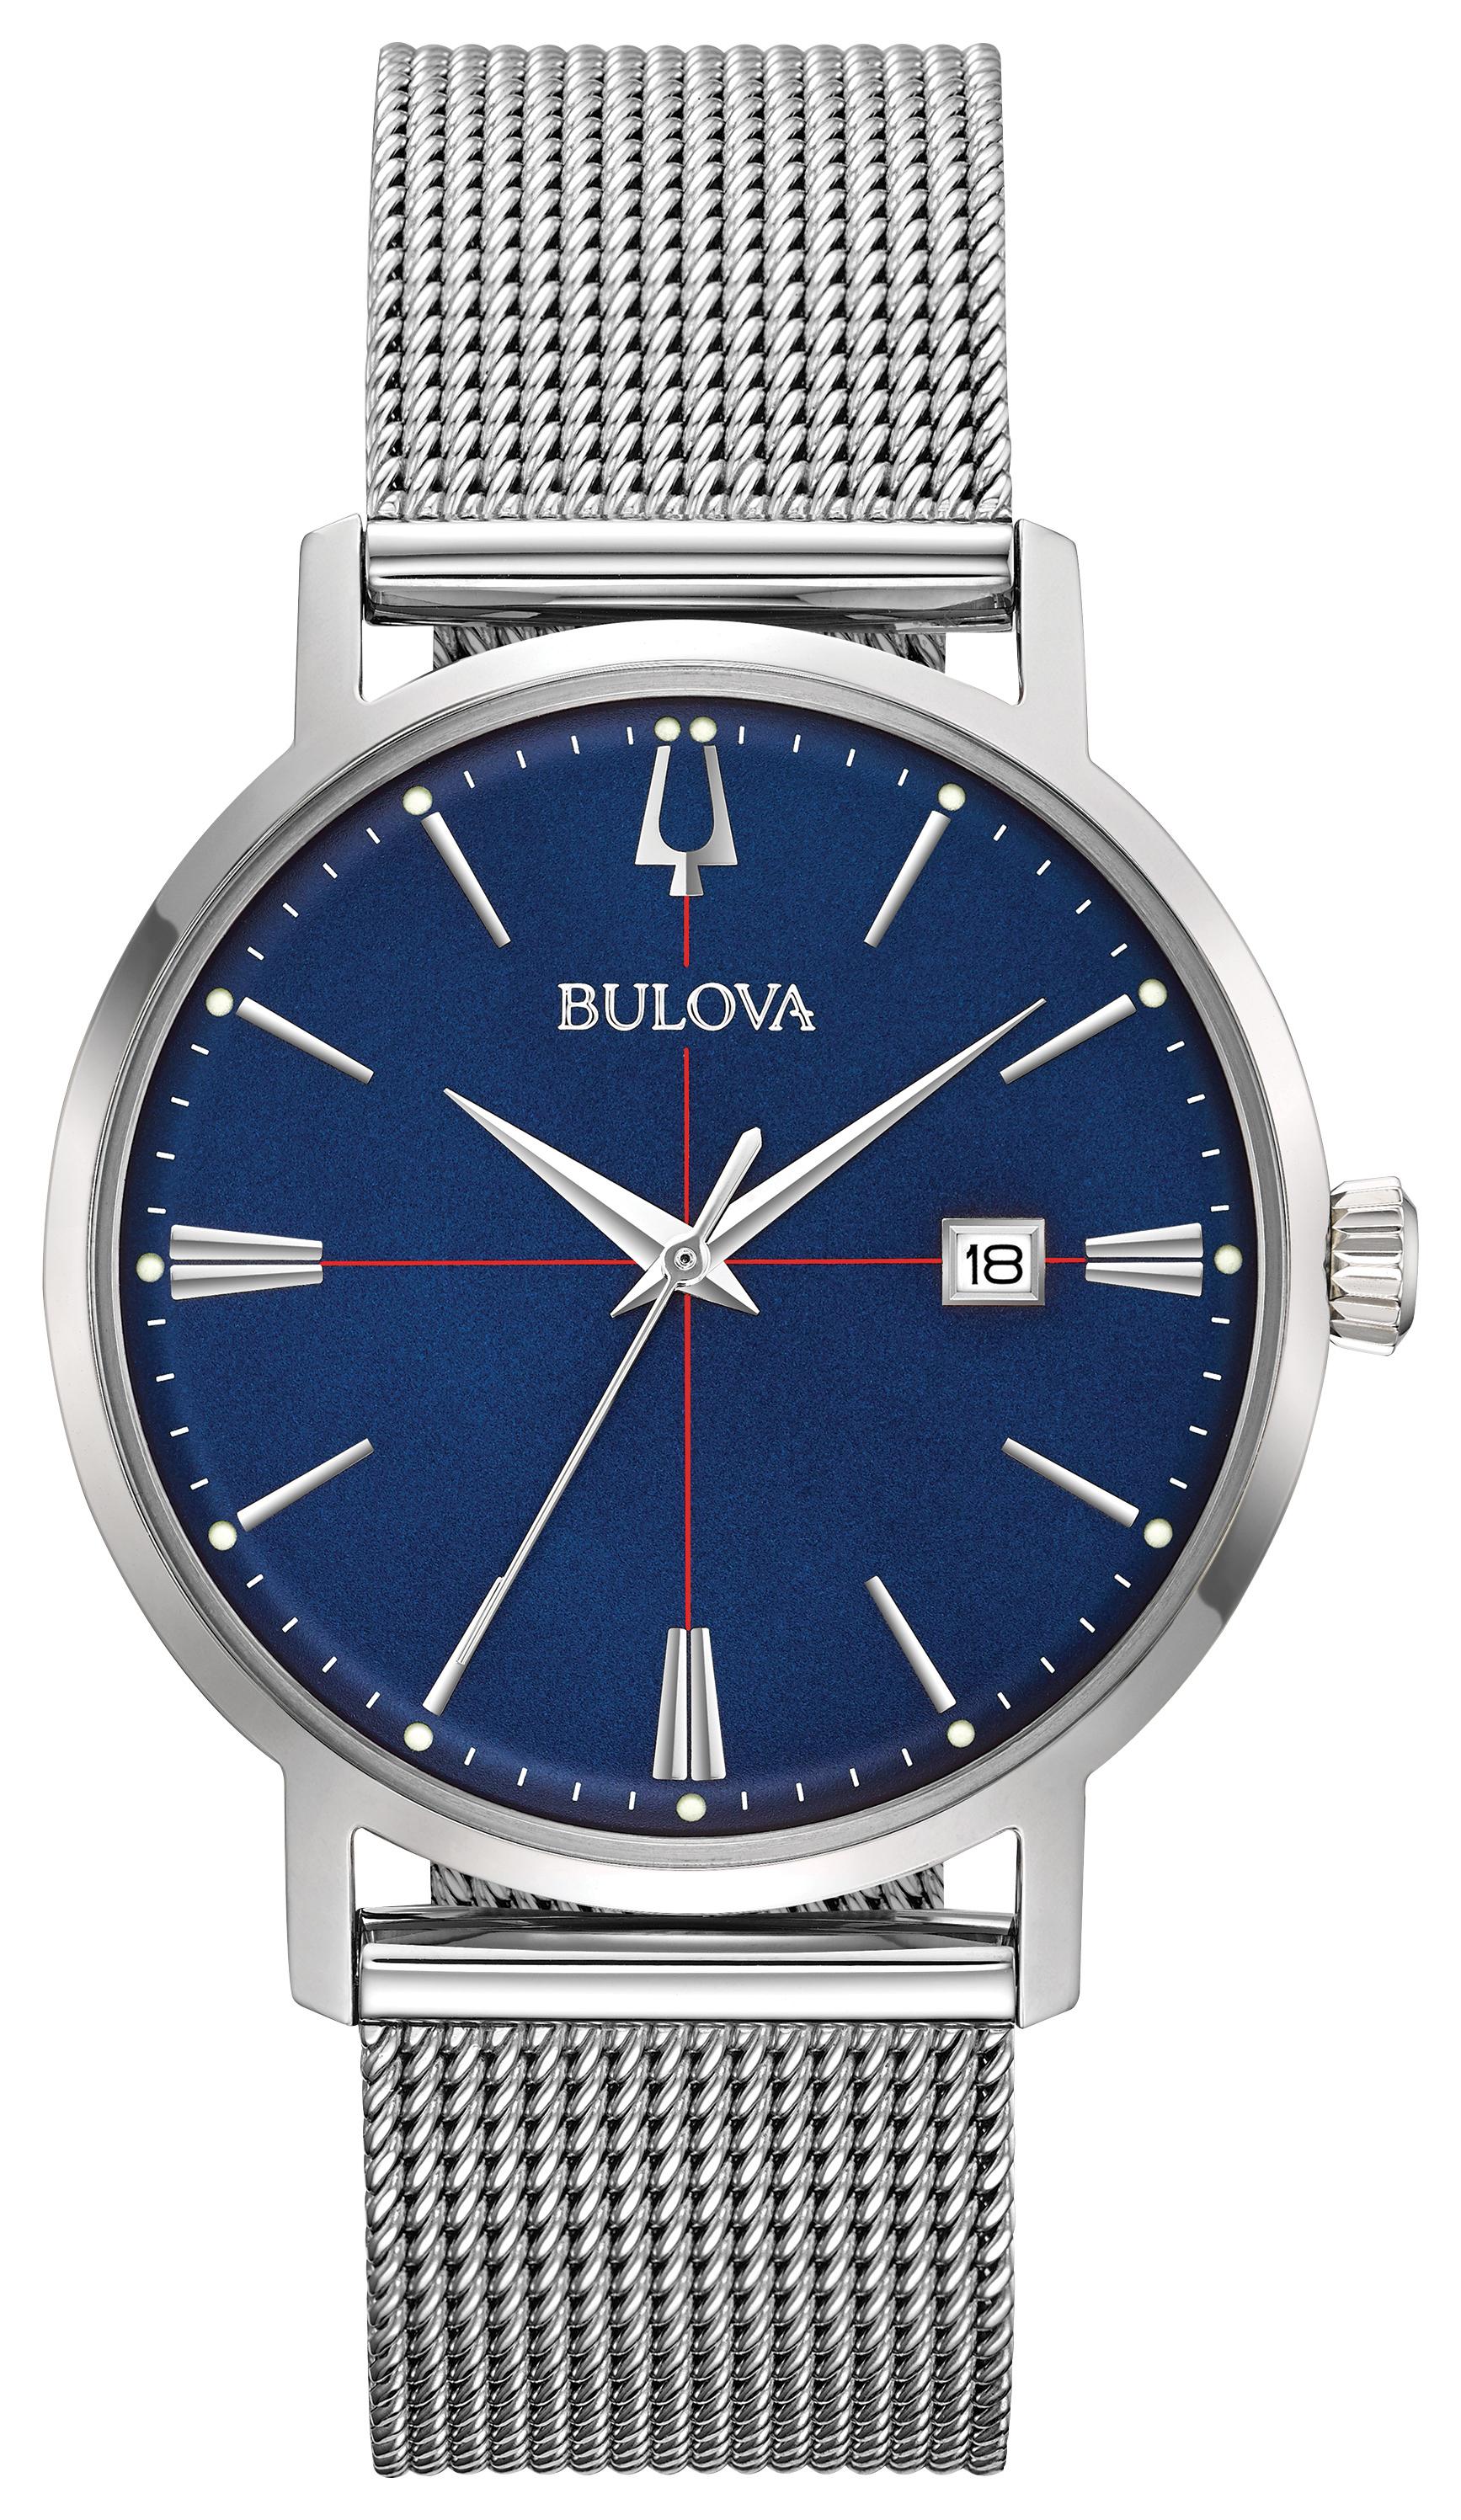 Montre Bulova pour homme - Acier inoxydable & Cadran bleu foncé